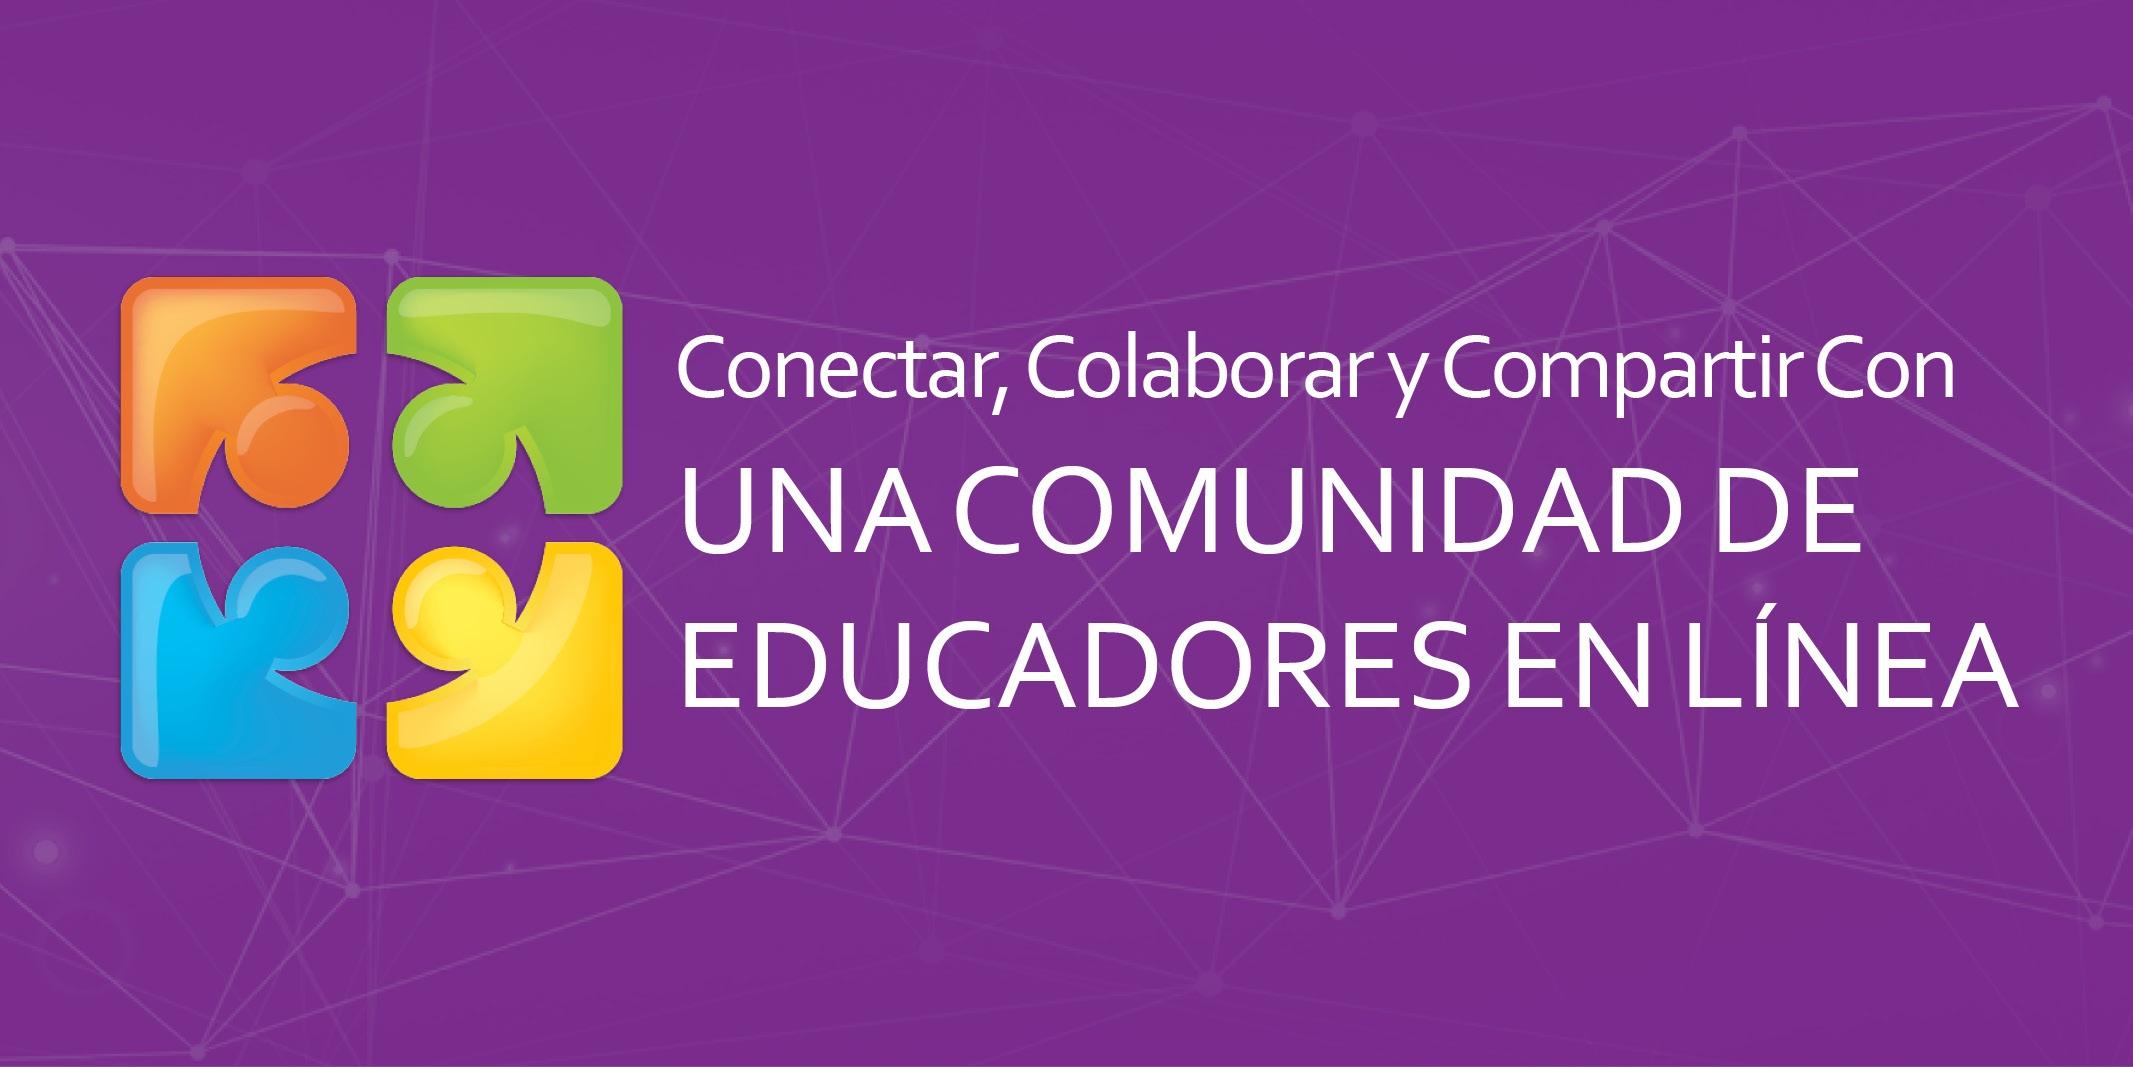 Conectar, Colaborar y Compartir con una Comunidad de Educadores en Línea